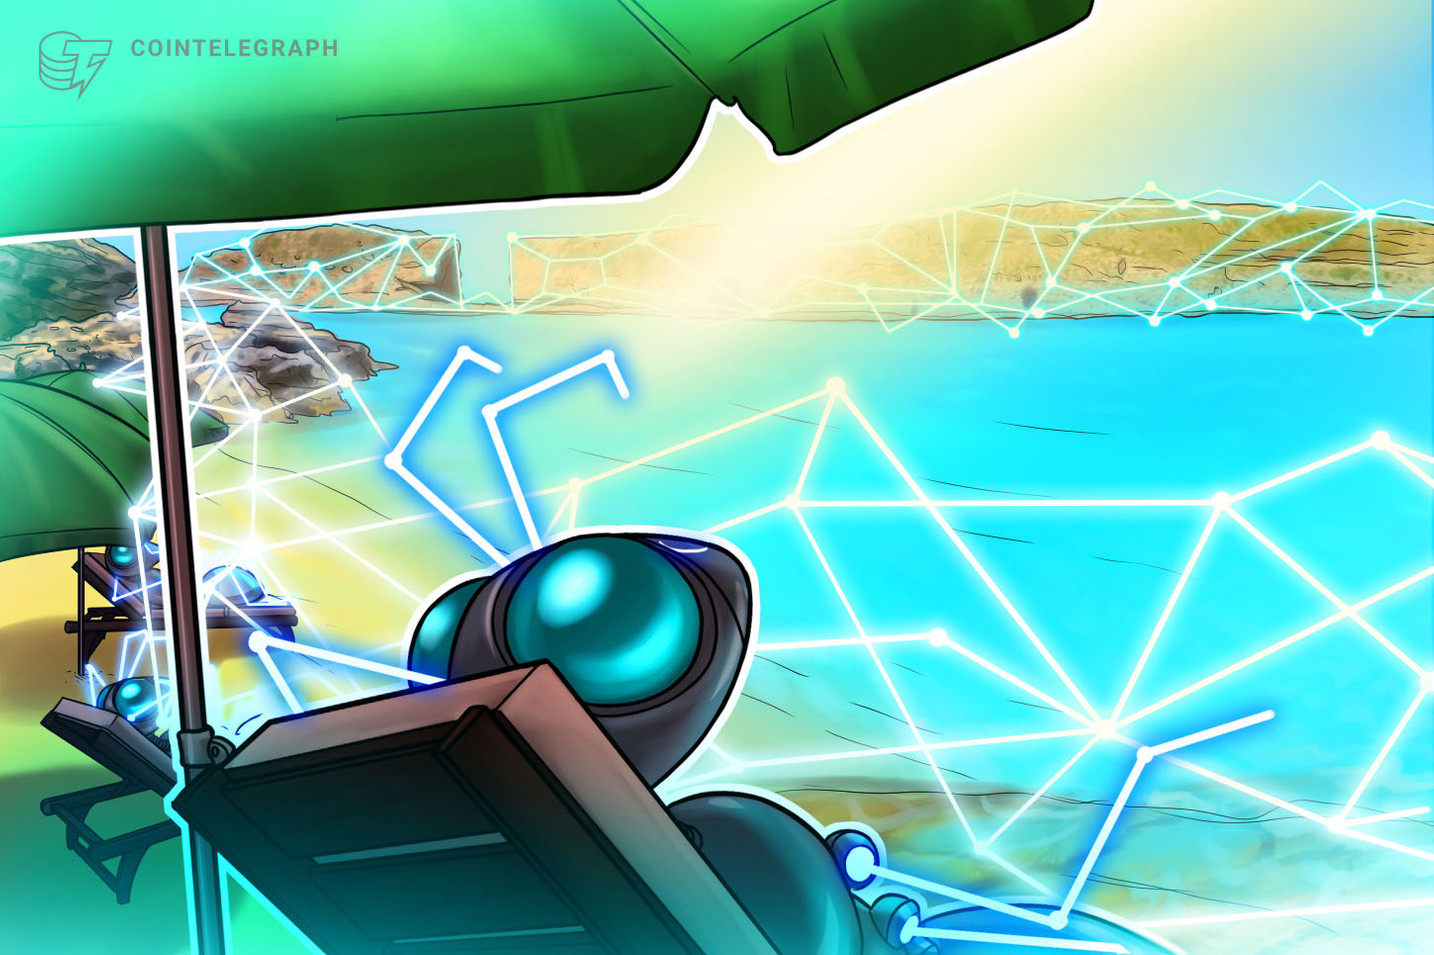 El registro de empresas de Malta adoptará blockchain, confirma oficialmente el gobierno